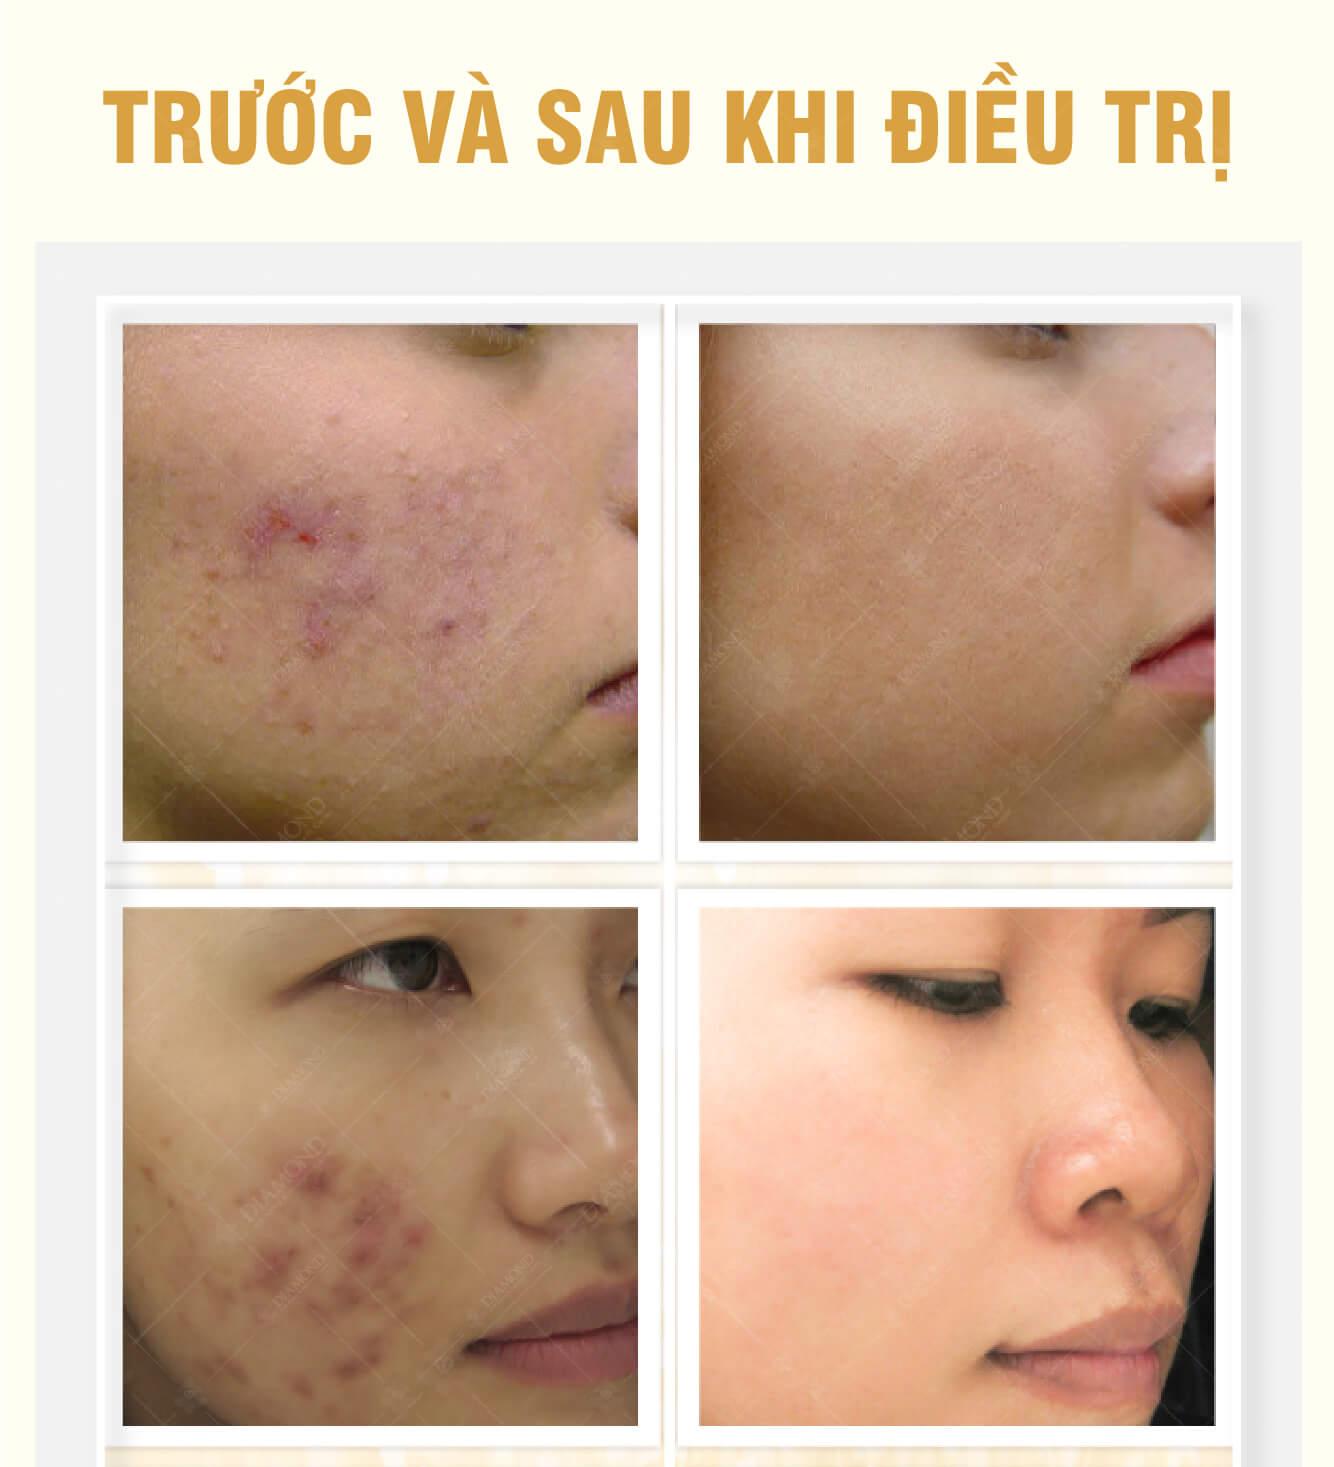 Hình ảnh trước và sau khi điều trị mụn tại Nam Định